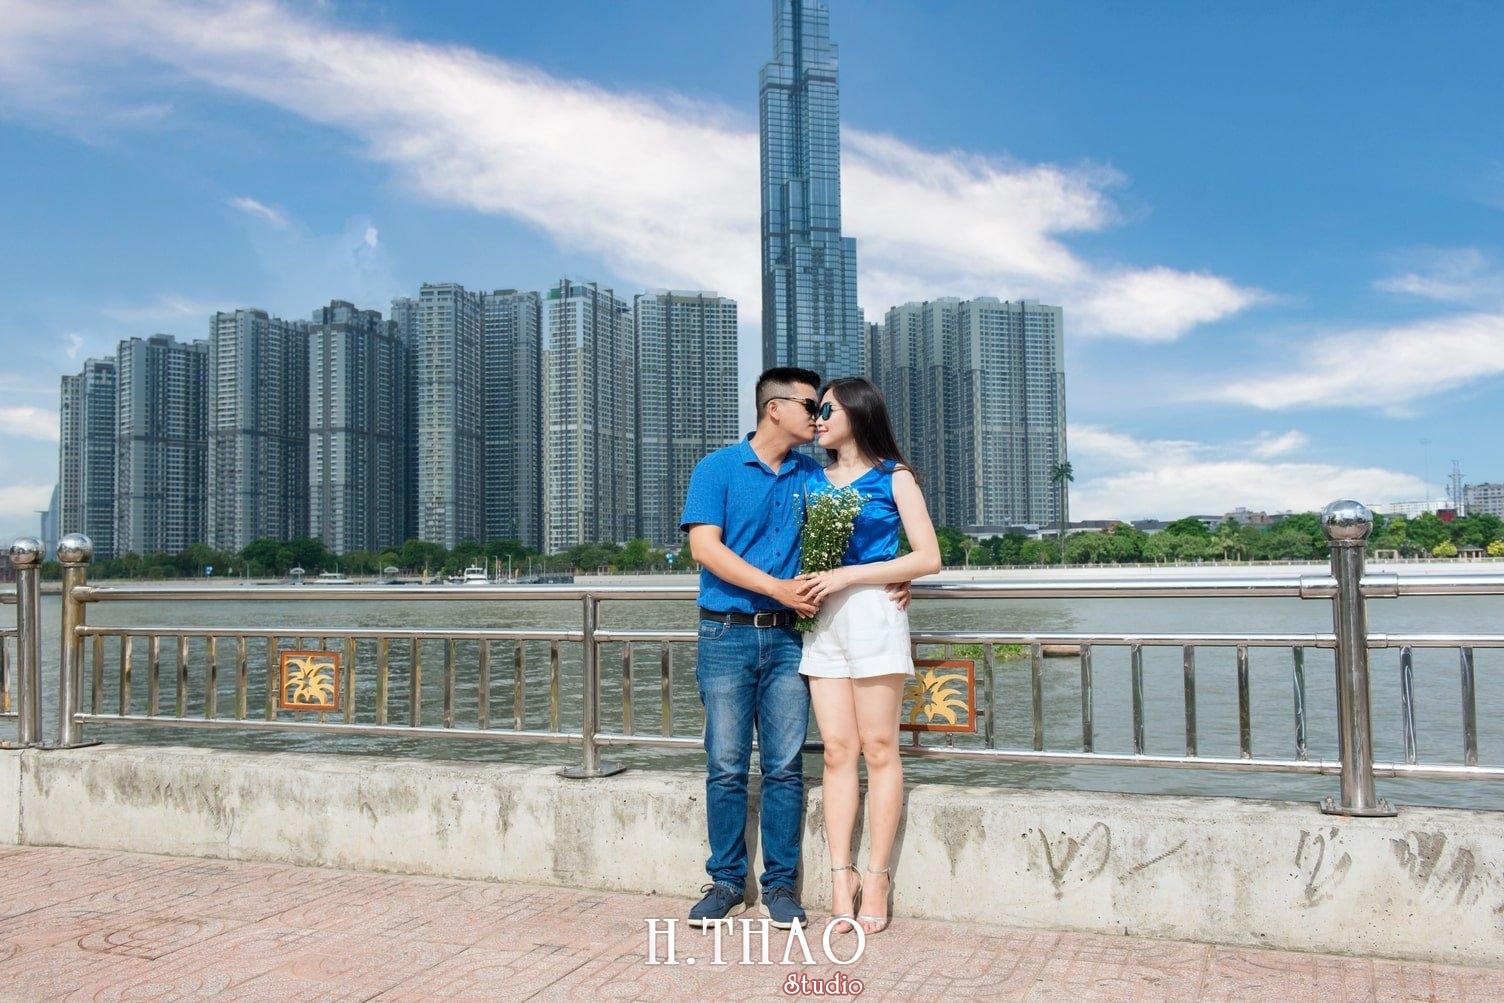 Anh Gia dinh 3 nguoi 7 - Bộ ảnh gia đình 3 người chụp ngoại cảnh đẹp tự nhiên - HThao Studio